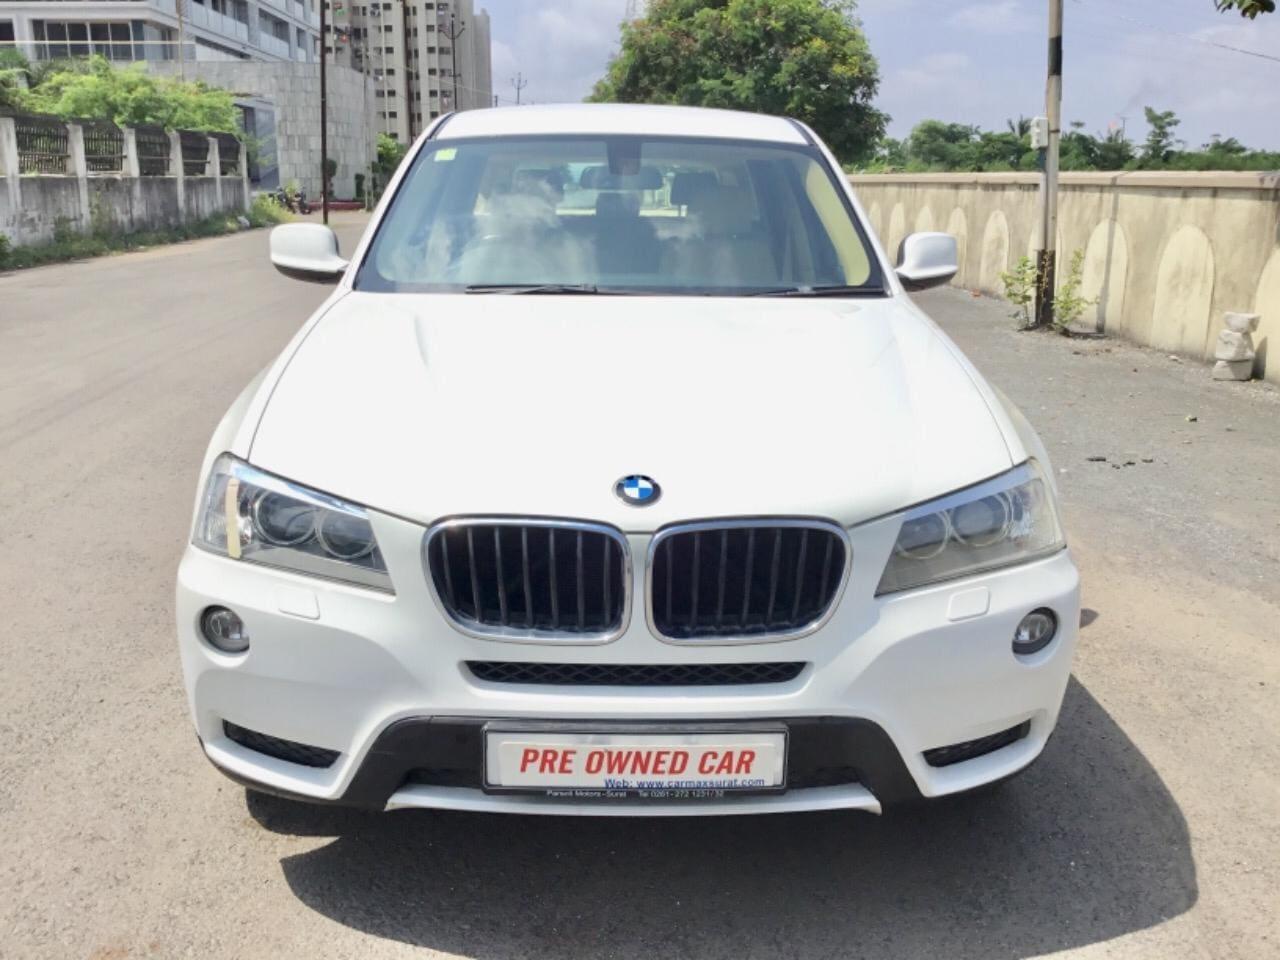 BMW X3 2011-2013 xDrive20d